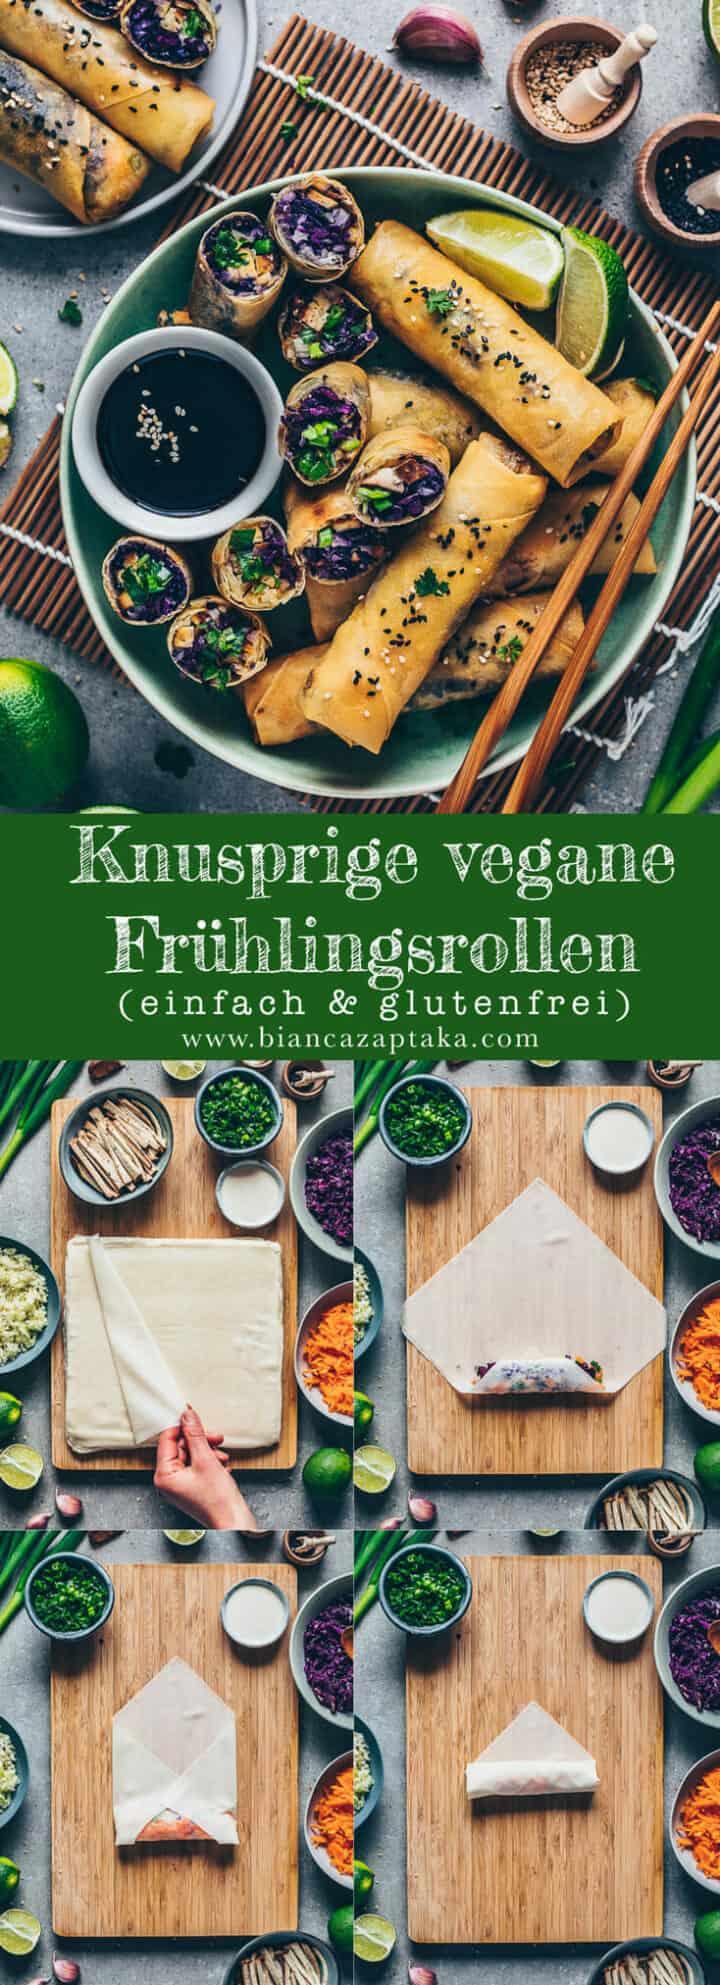 Frühlingsrollen-Rezept mit Schritt-für-Schritt-Anleitung. Einfache chinesische Frühlingsrollen mit Gemüse und Tofu gefüllt. Vegan, glutenfrei und lecker.